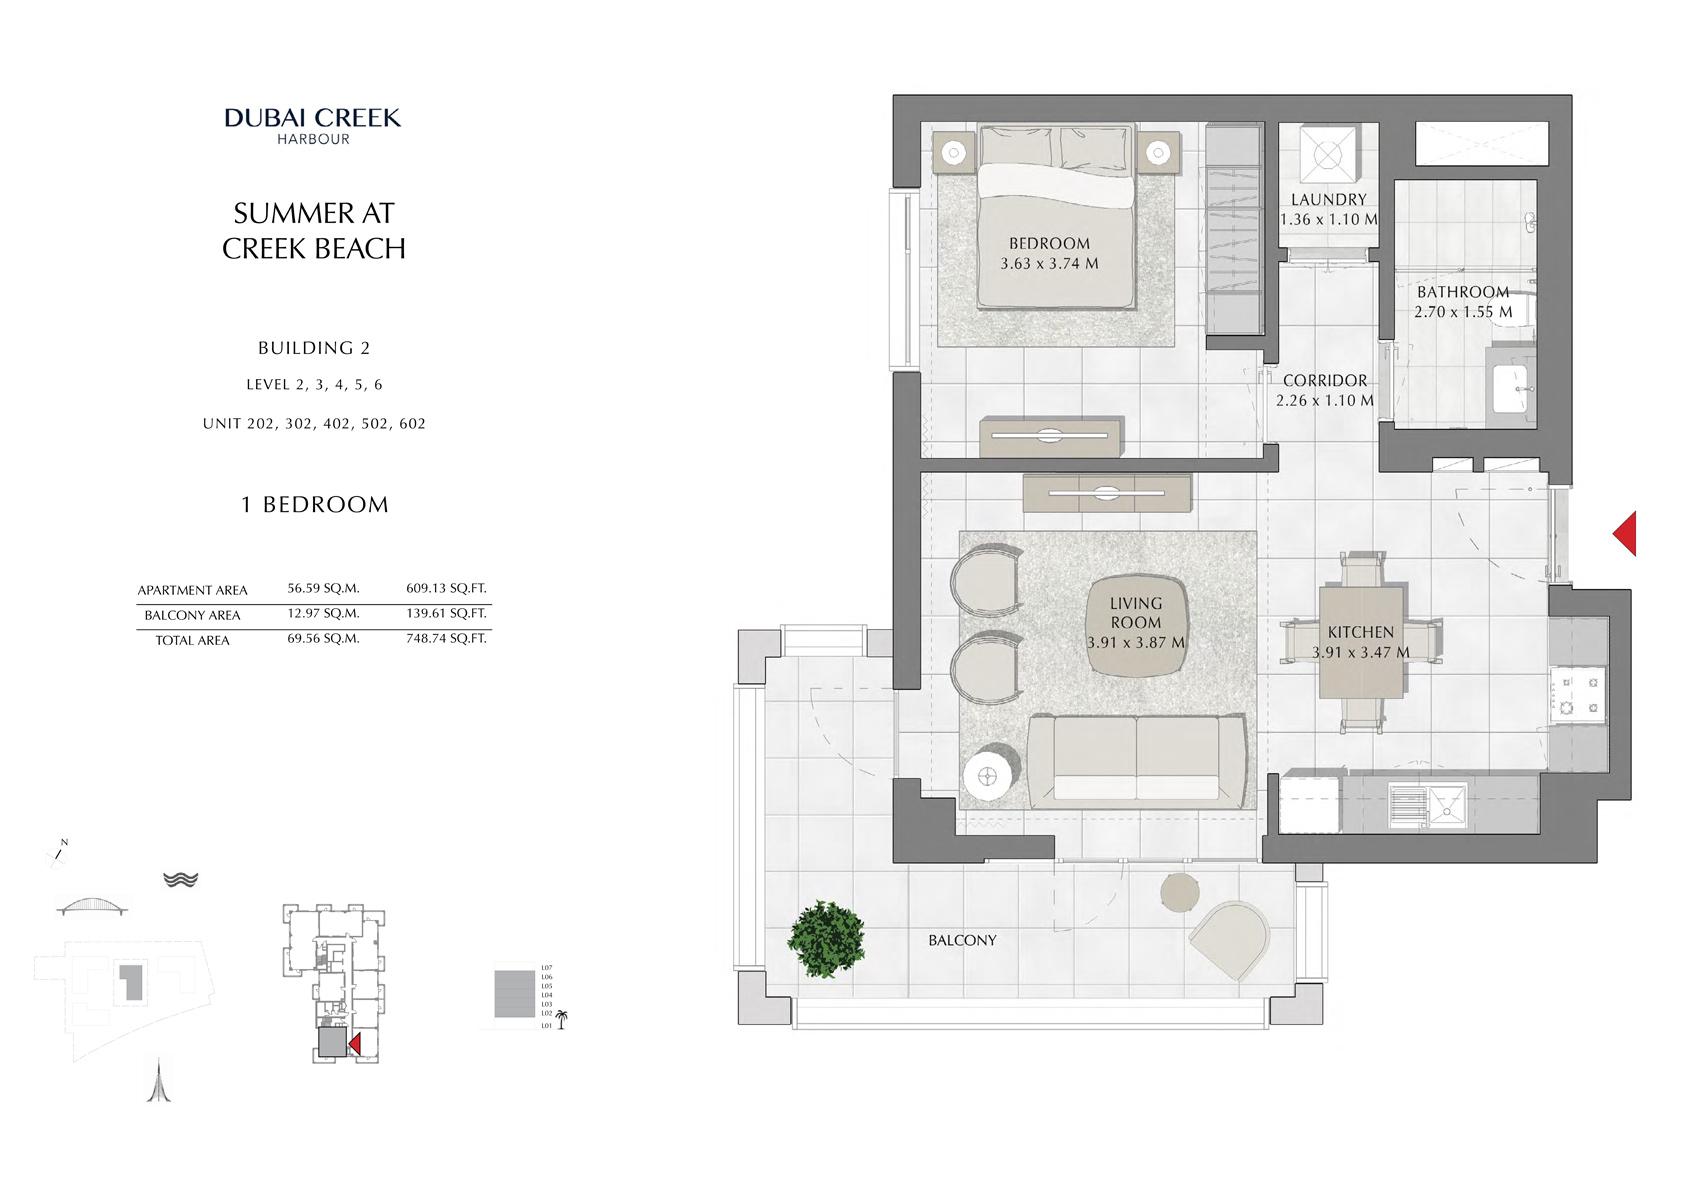 1 Br building 2 Level-2-3-4-5-6 Unit-202-302-402-502-602, Size 748 Sq Ft